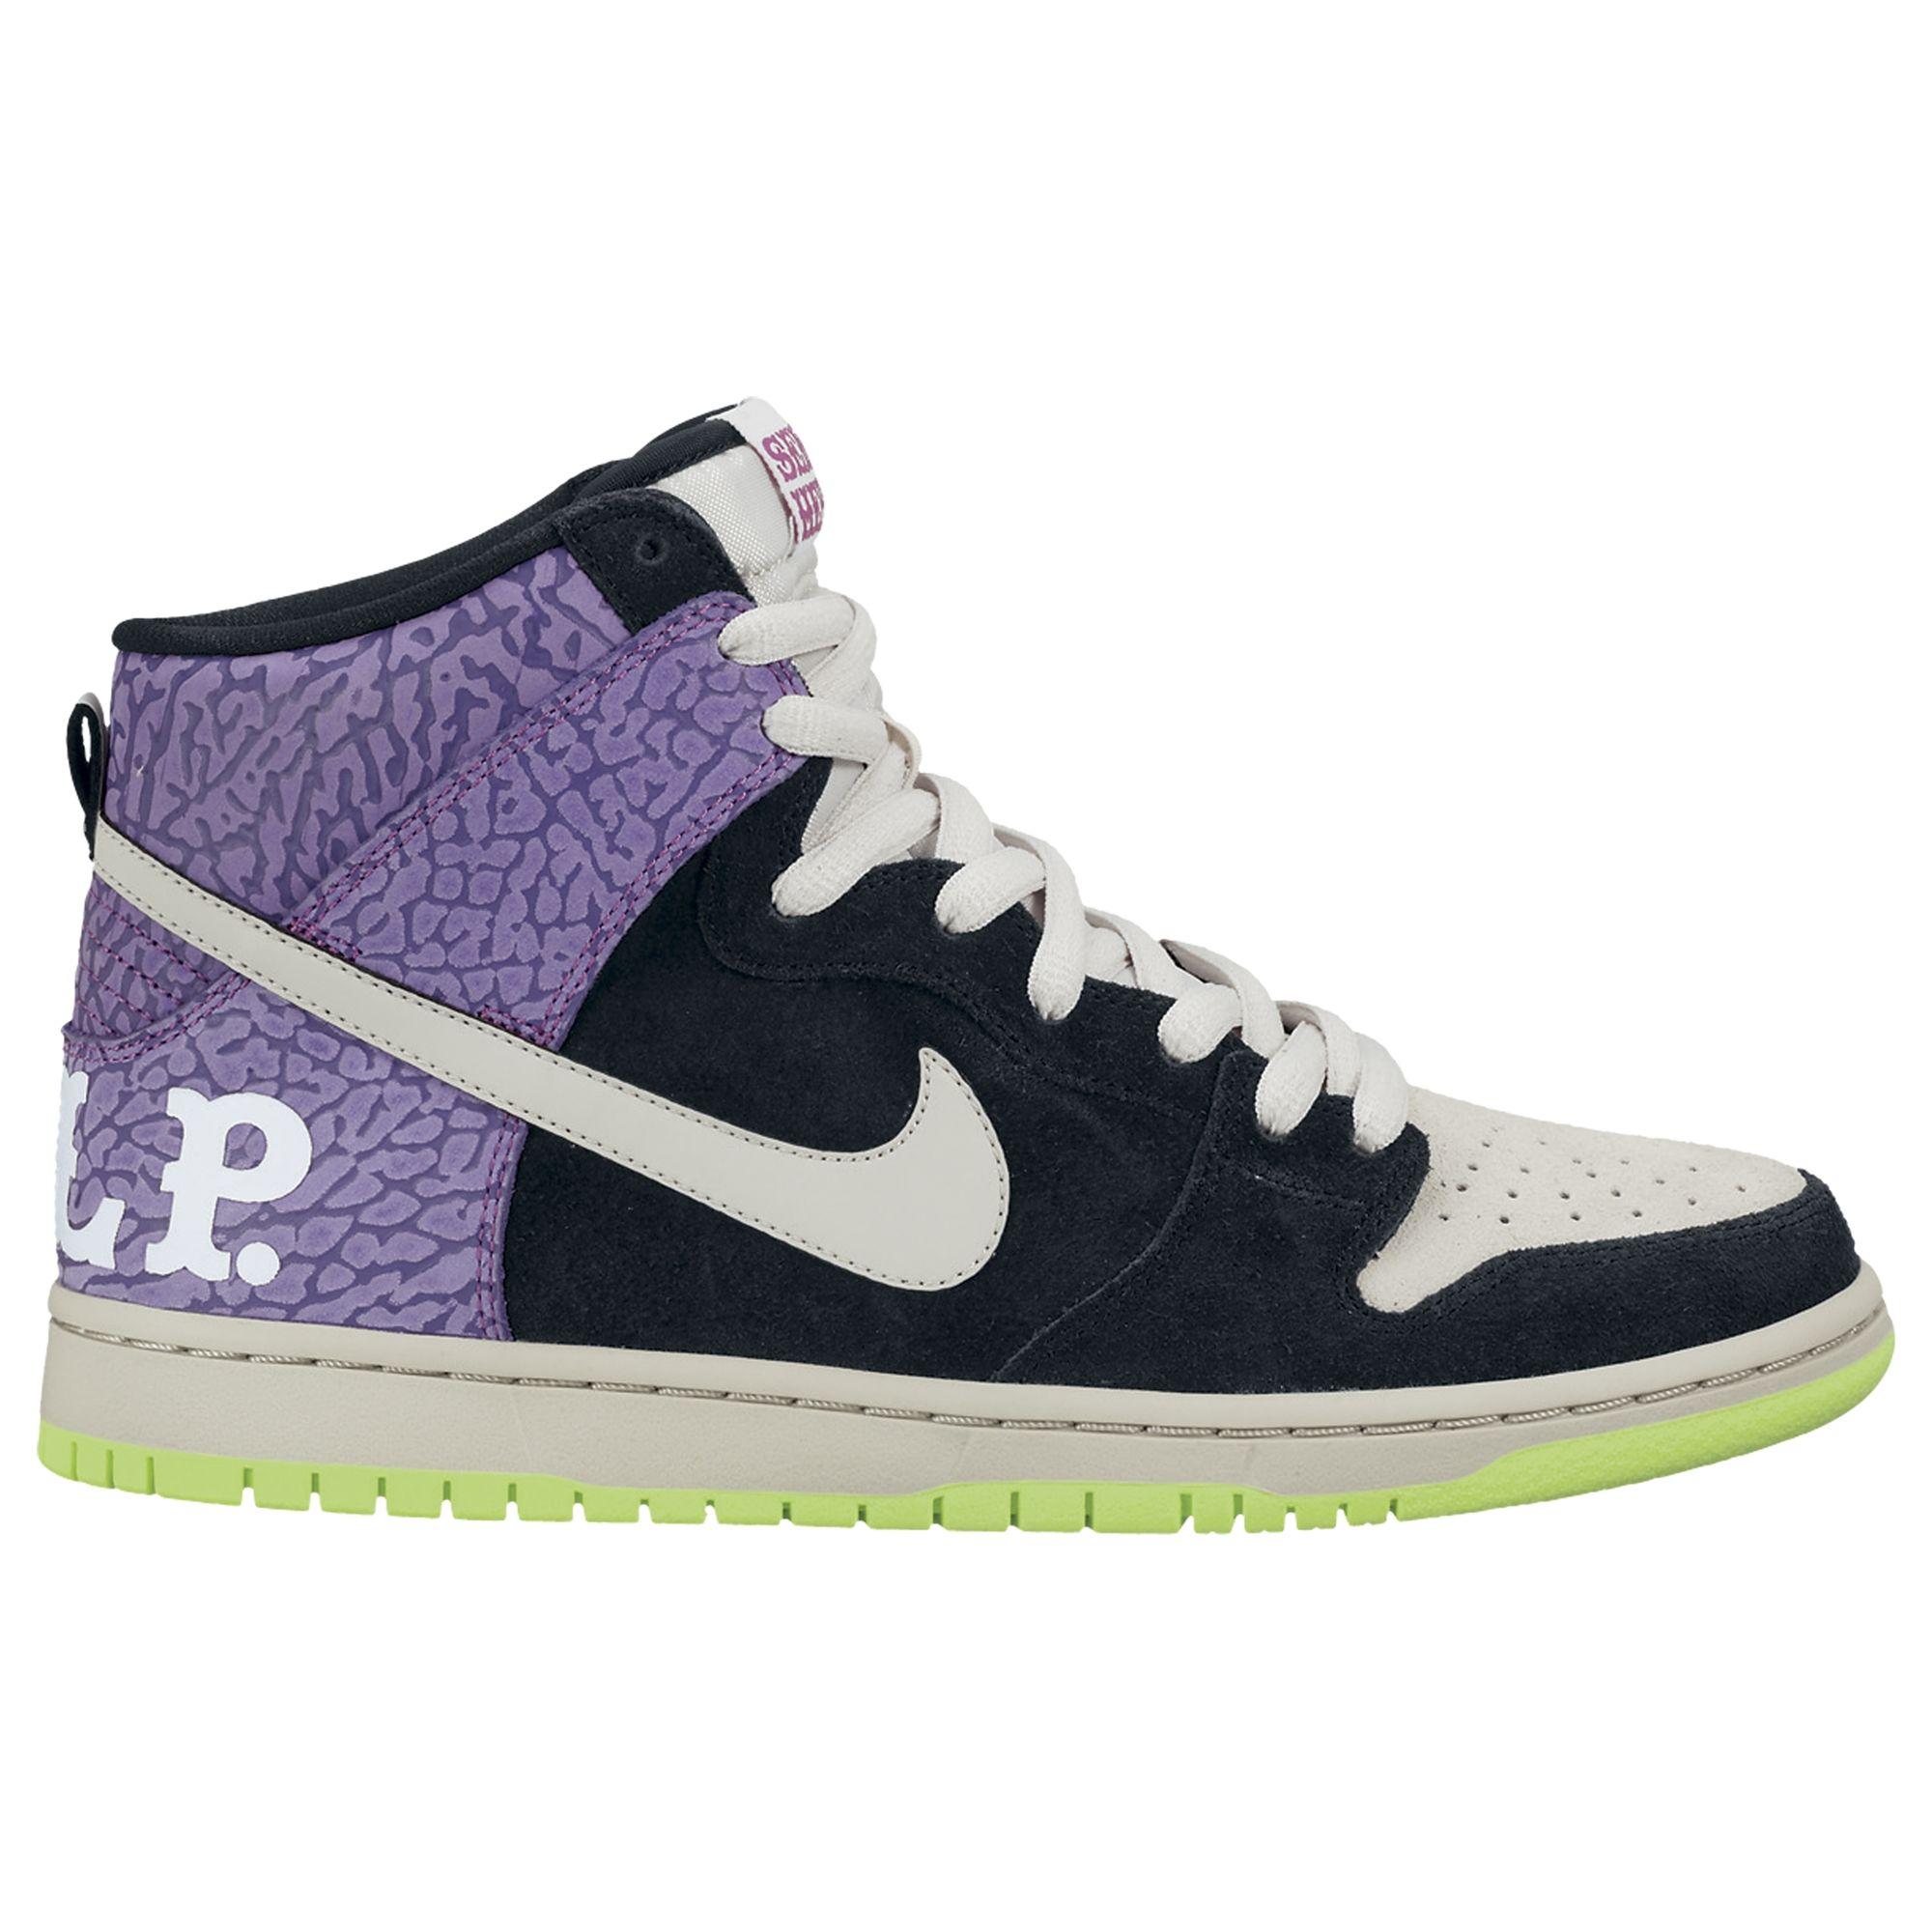 f6eb48b846 Tênis Nike SB Dunk High Premium Send Help 2 www.pegasos.com.br #sneakers  #nike_sb #pegasos